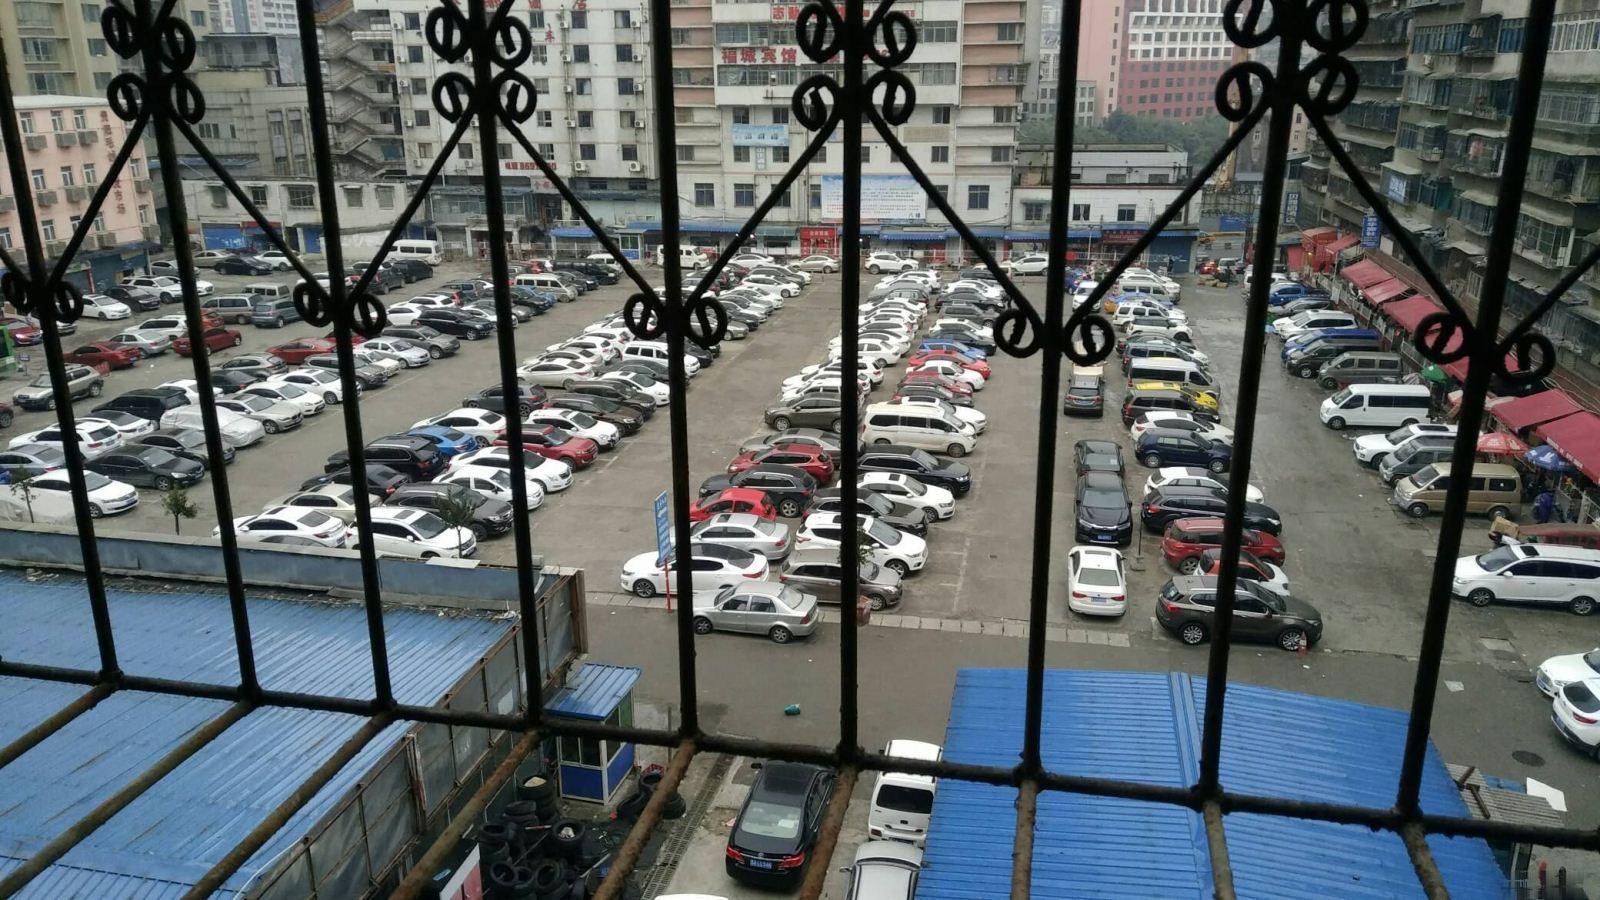 黄金路汽车服务站1室1厅准拆迁房